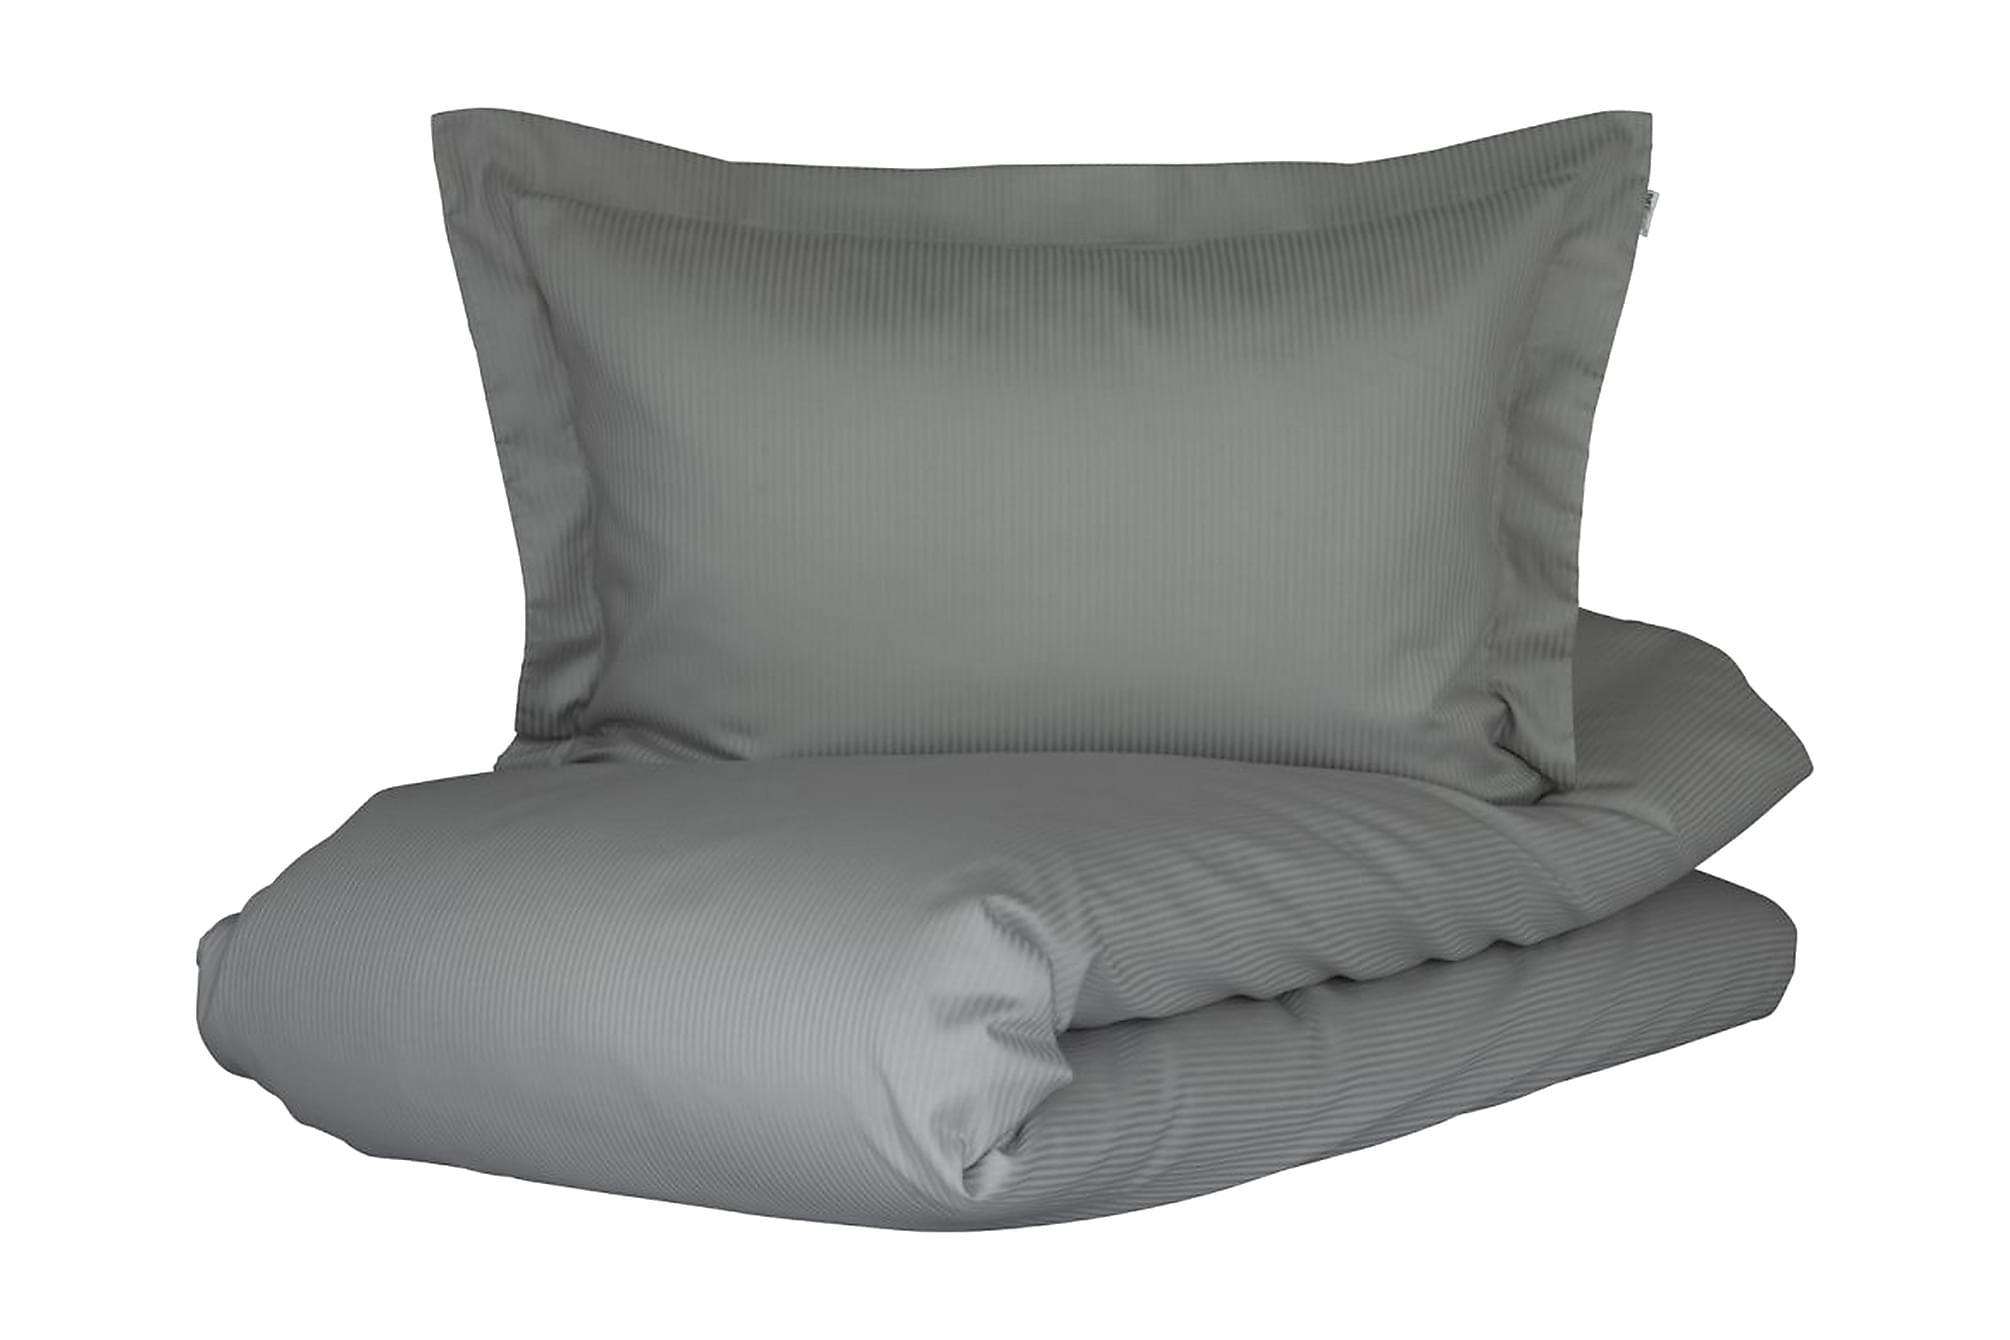 ALDERNEY Bäddset 150x210 cm Satin Ljusgrå, Sängkläder